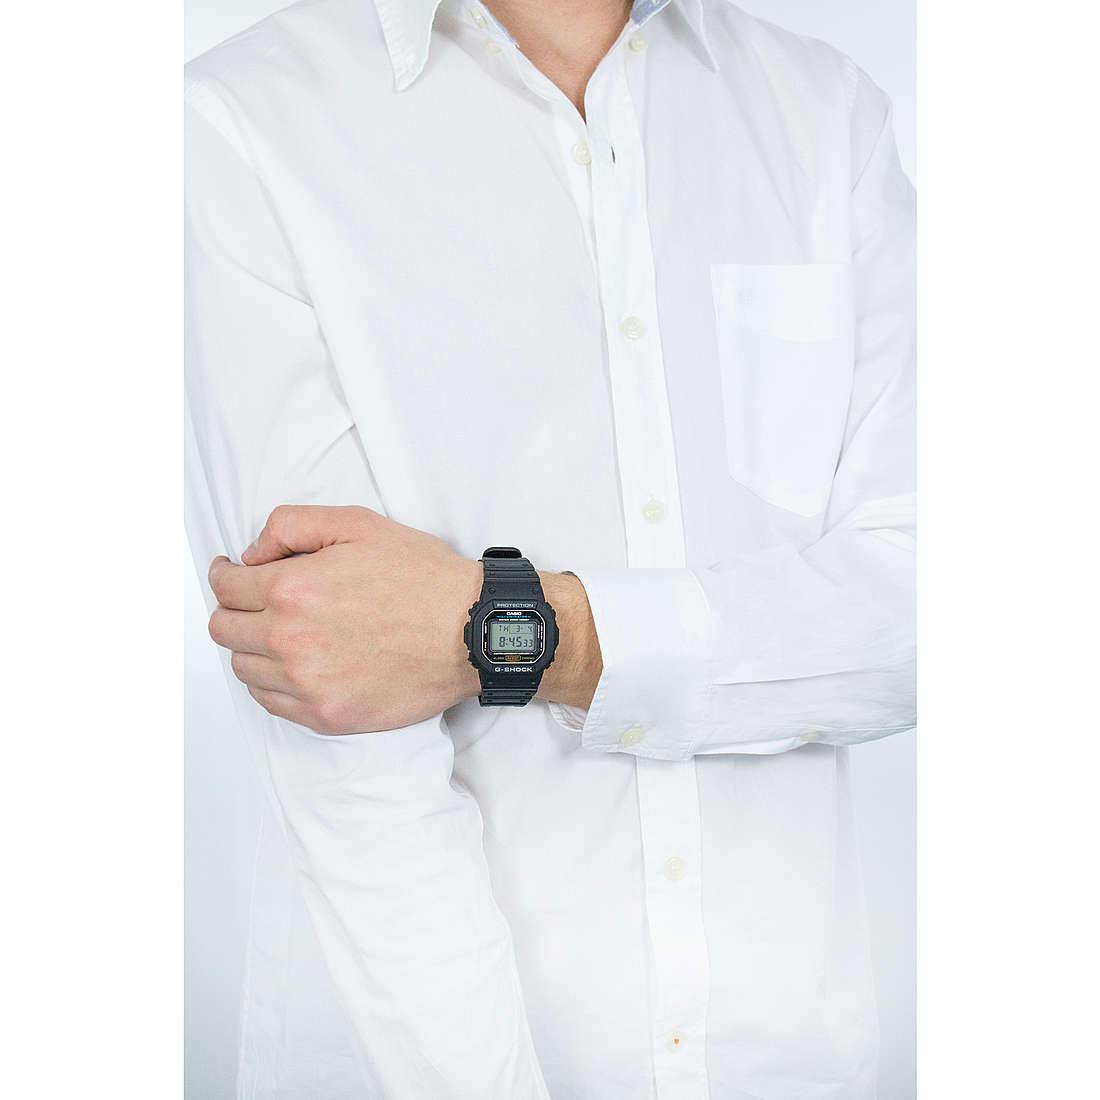 Casio numériques G-Shock homme DW-5600E-1VER photo wearing